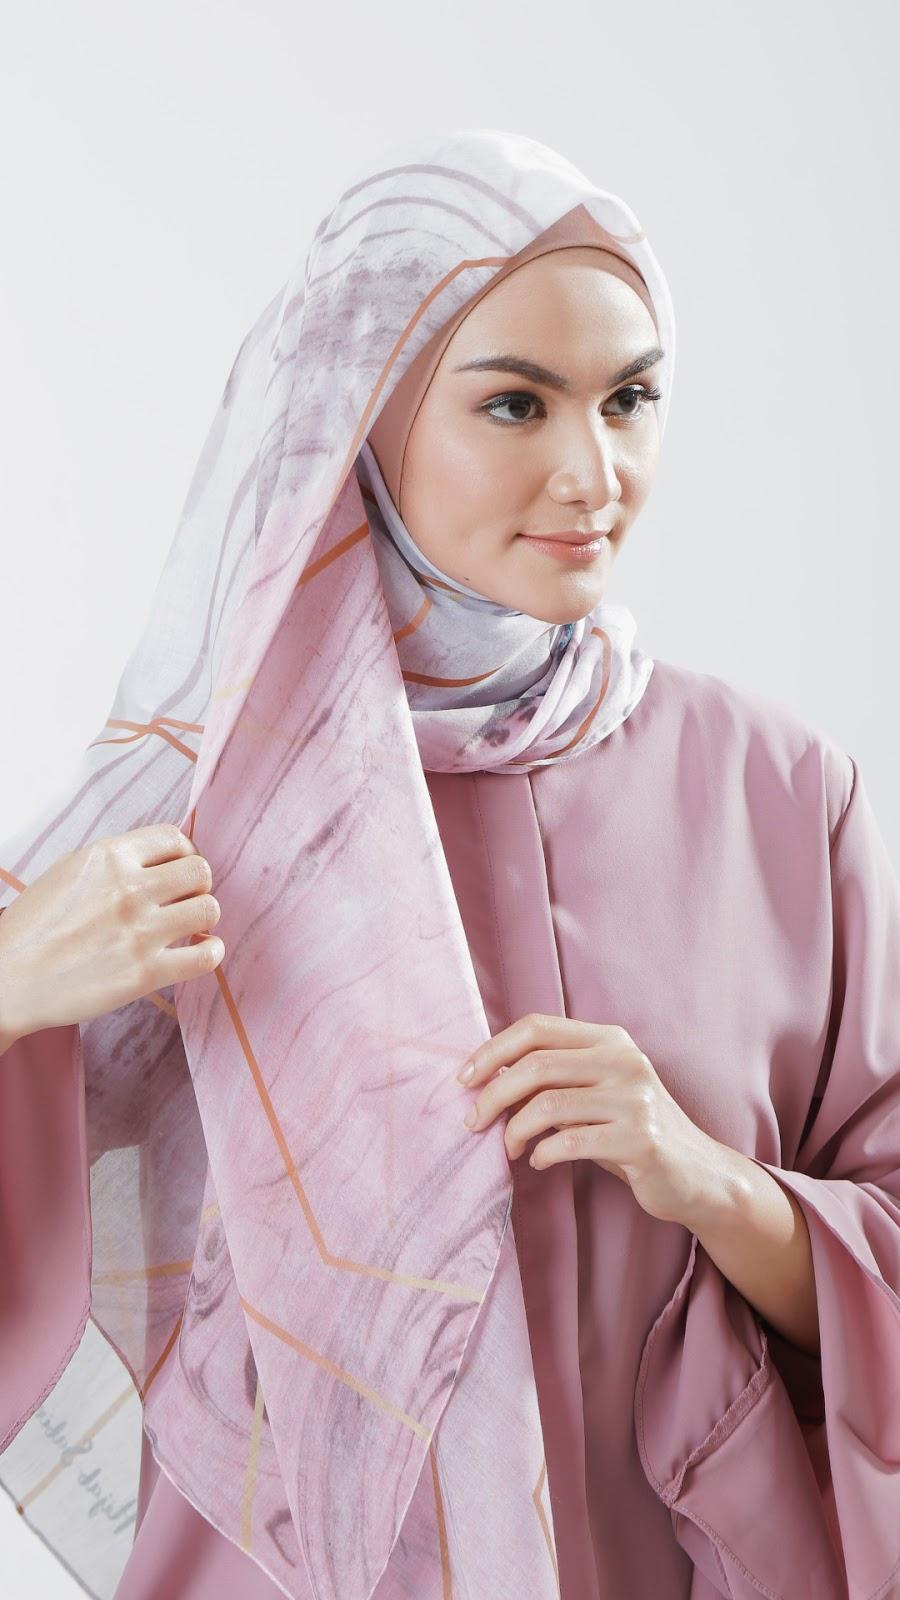 wallpaper muslimah terbaru cewek igo dan seksi imut